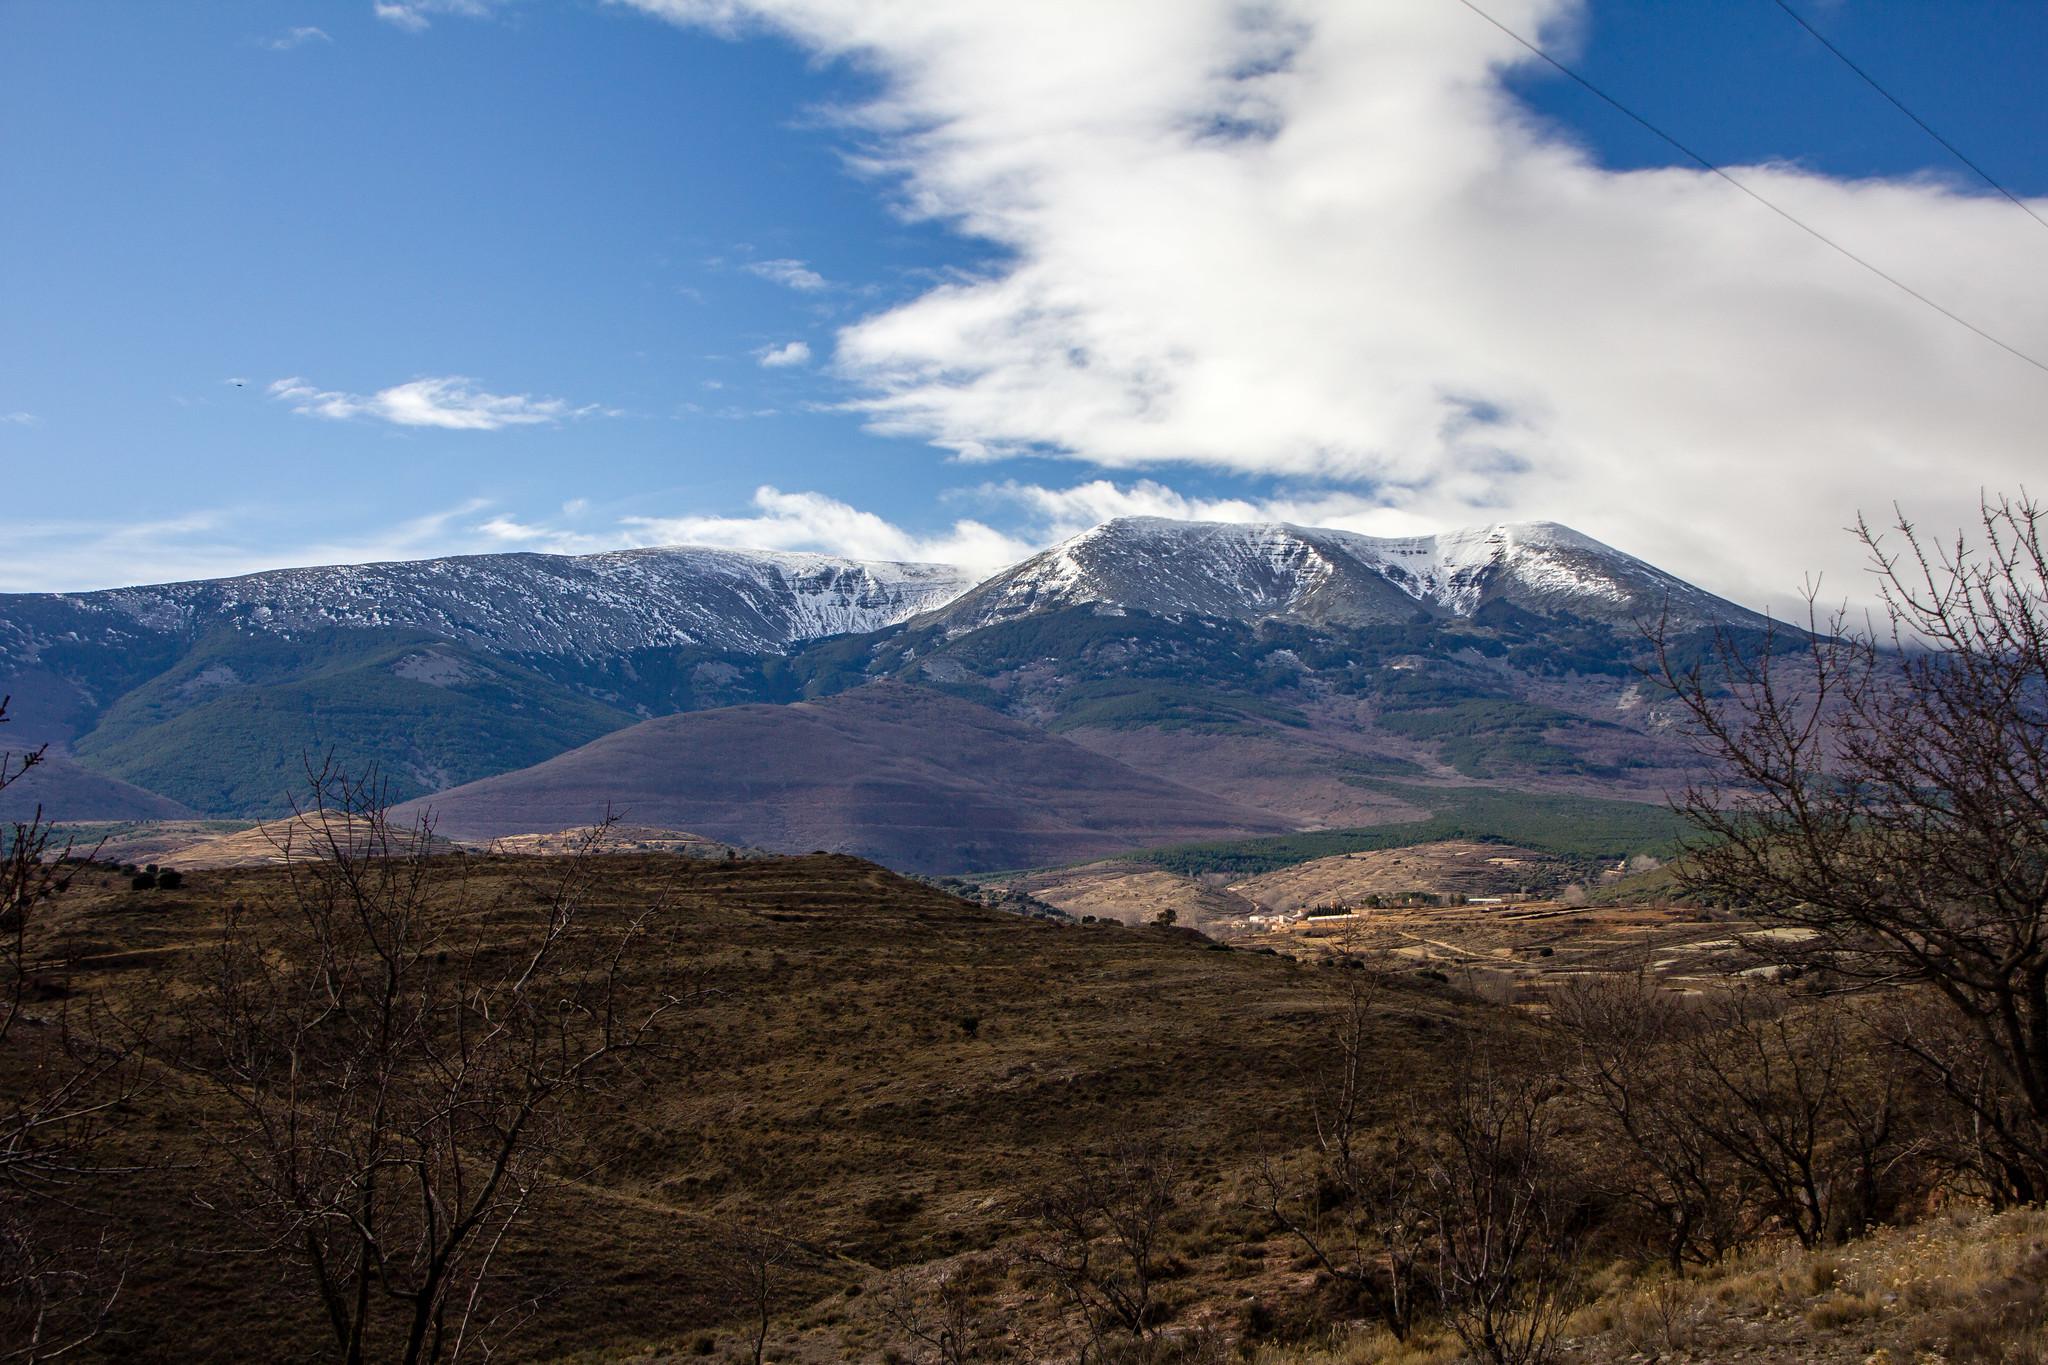 El Moncayo montaña del Sistema Iberico desde Trasmoz Zaragoza